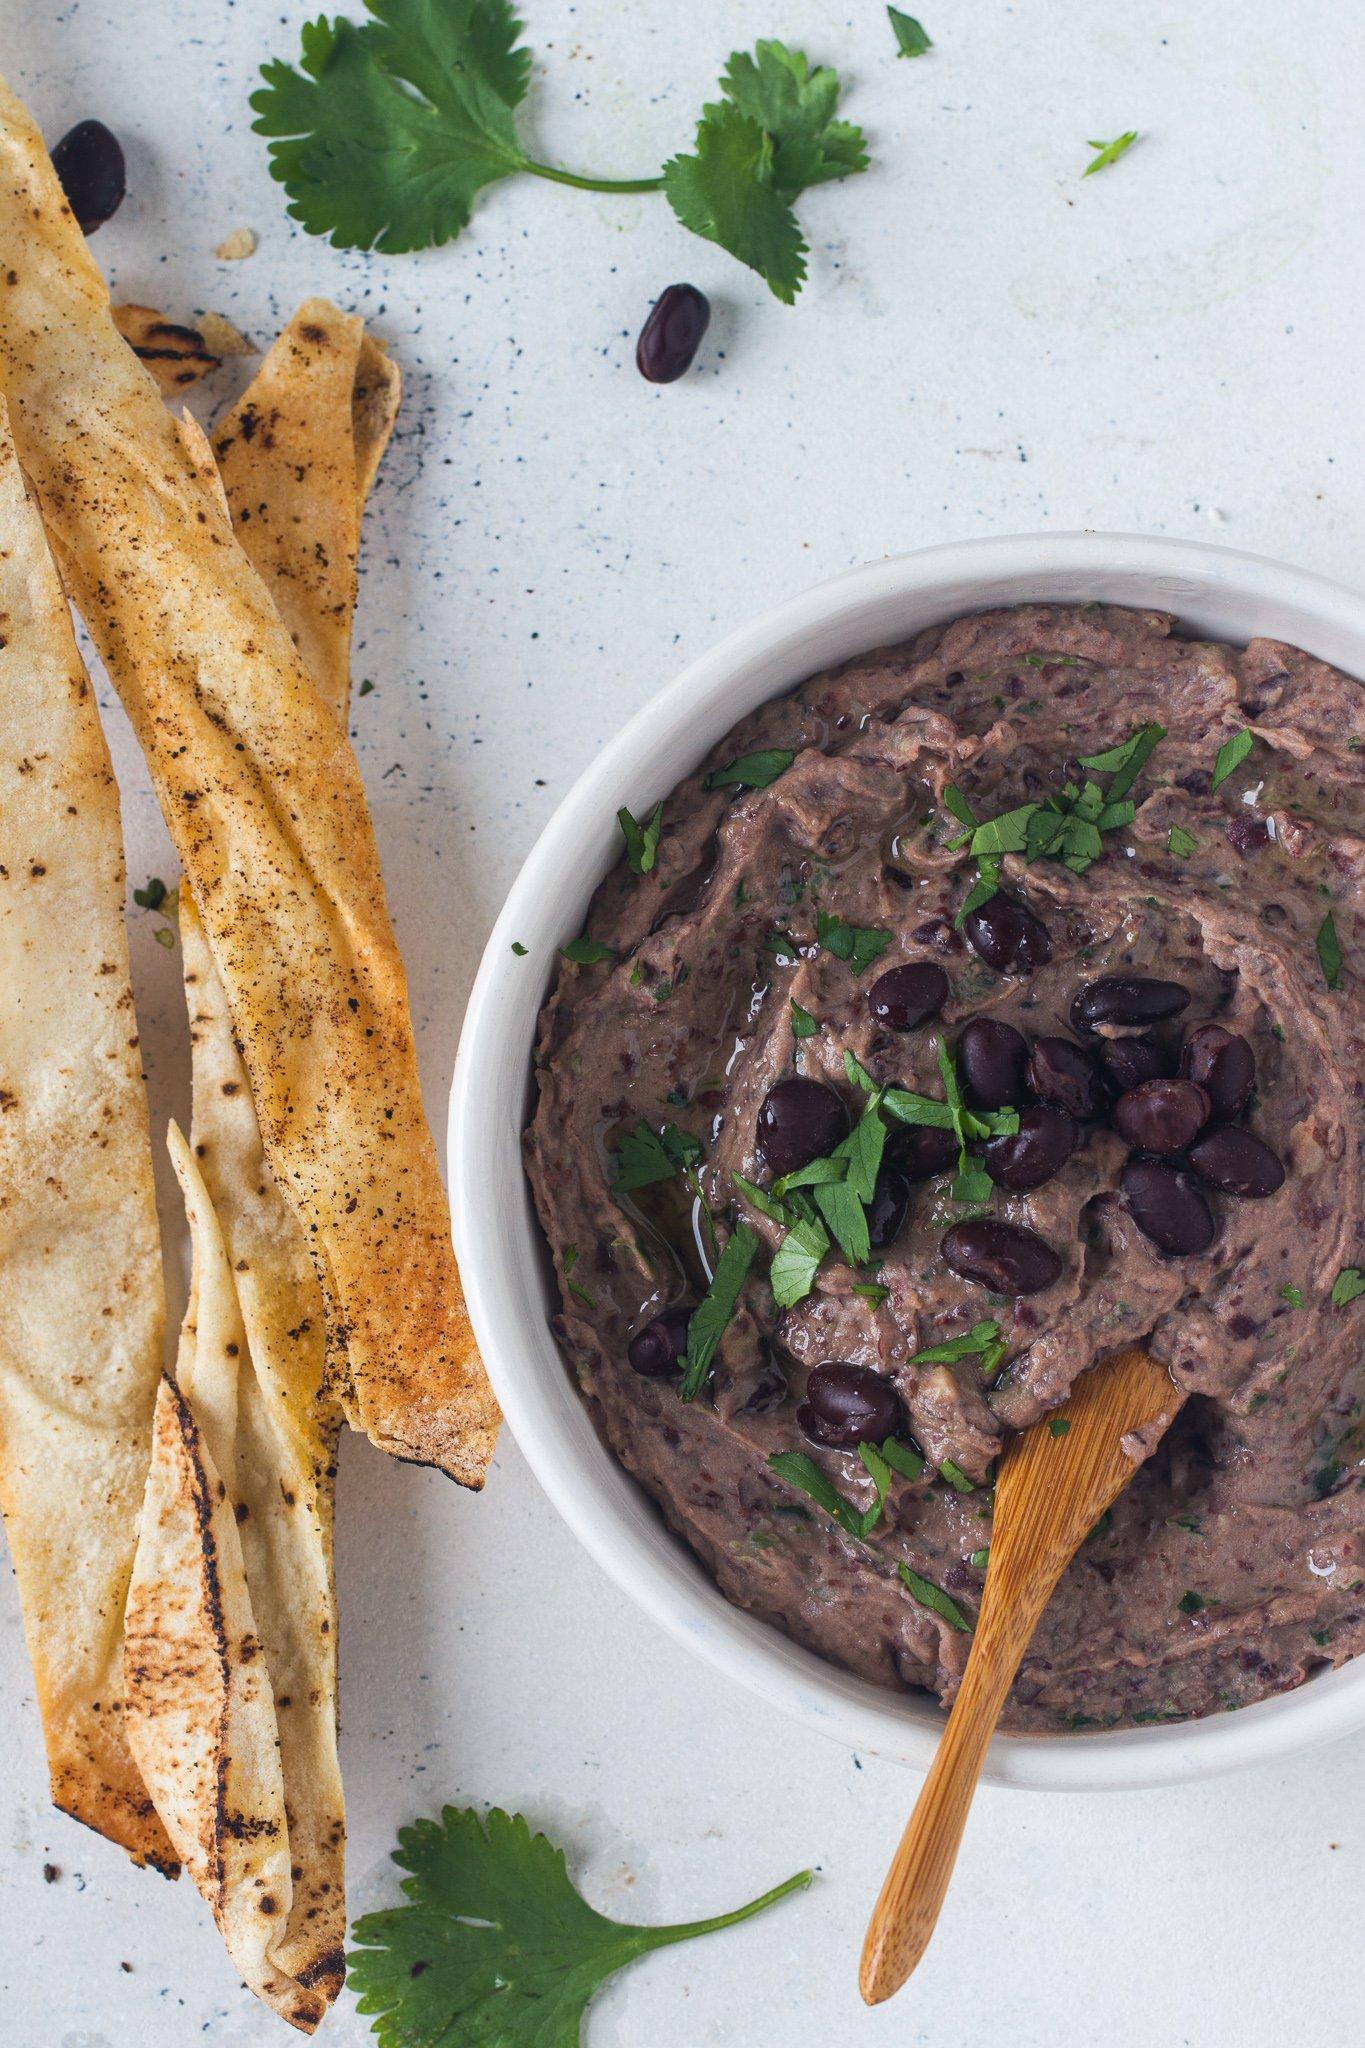 Food photographer Curacao